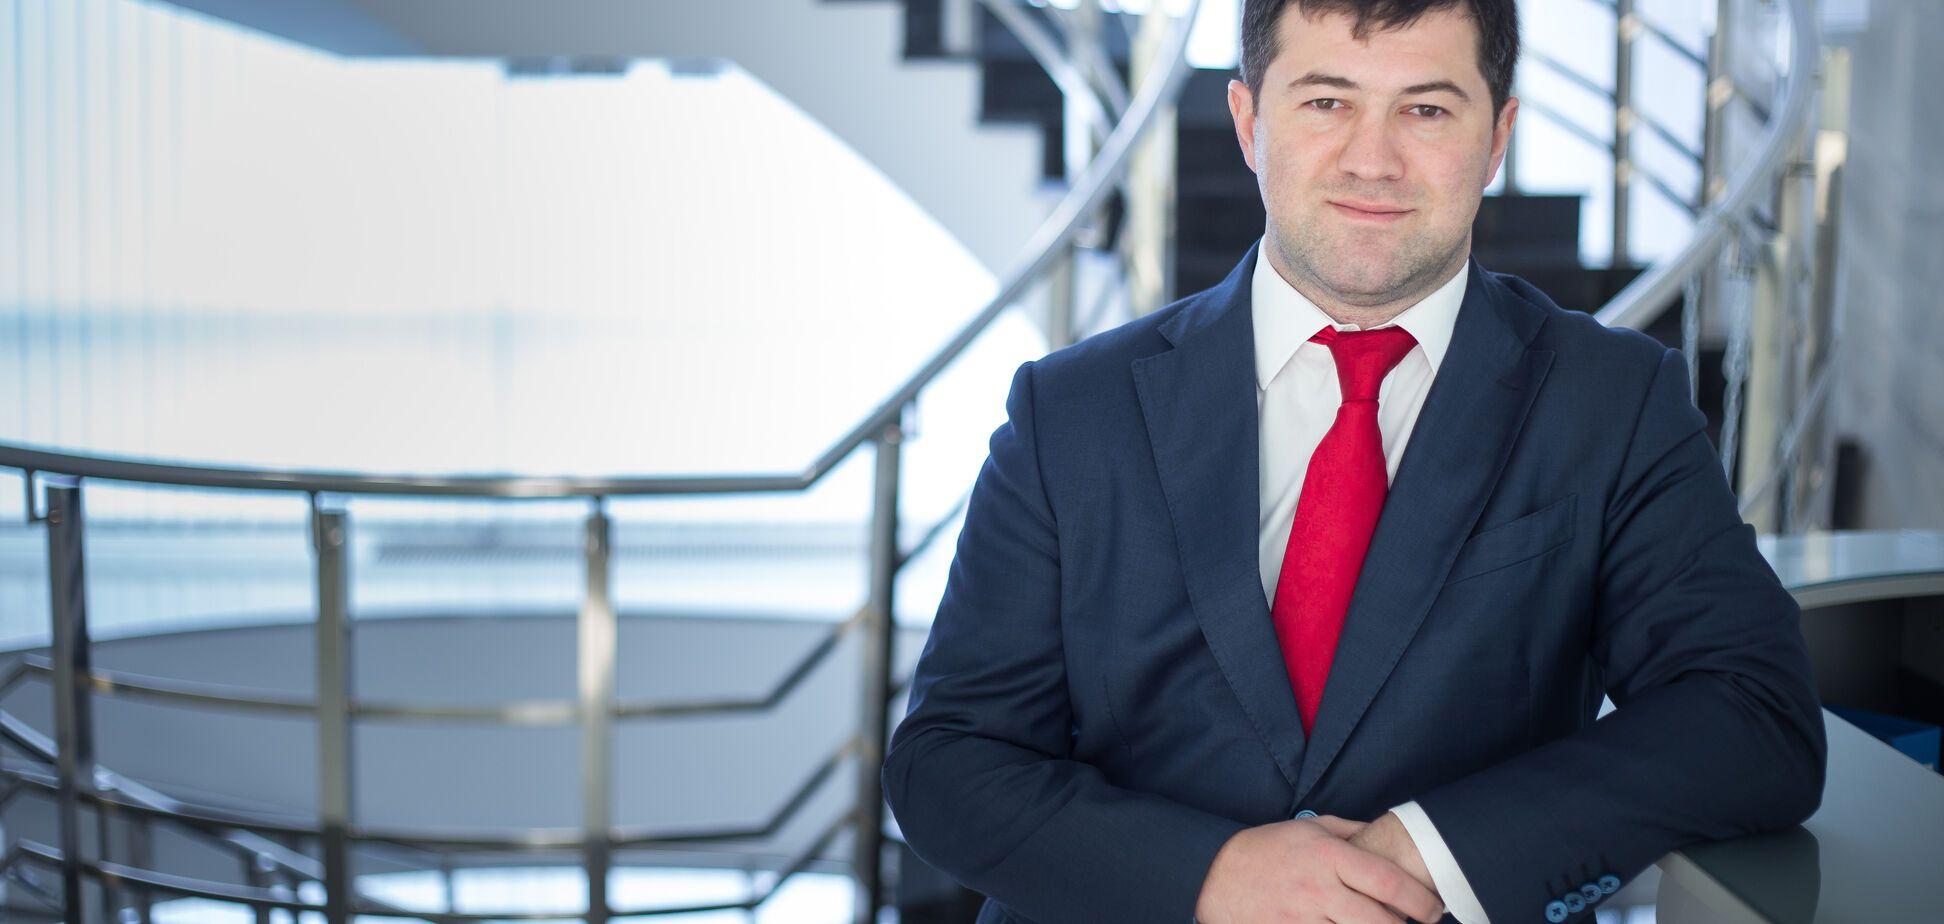 В обвинувальному акті проти мене взагалі немає ні сенсу, ні звинувачення - Насіров